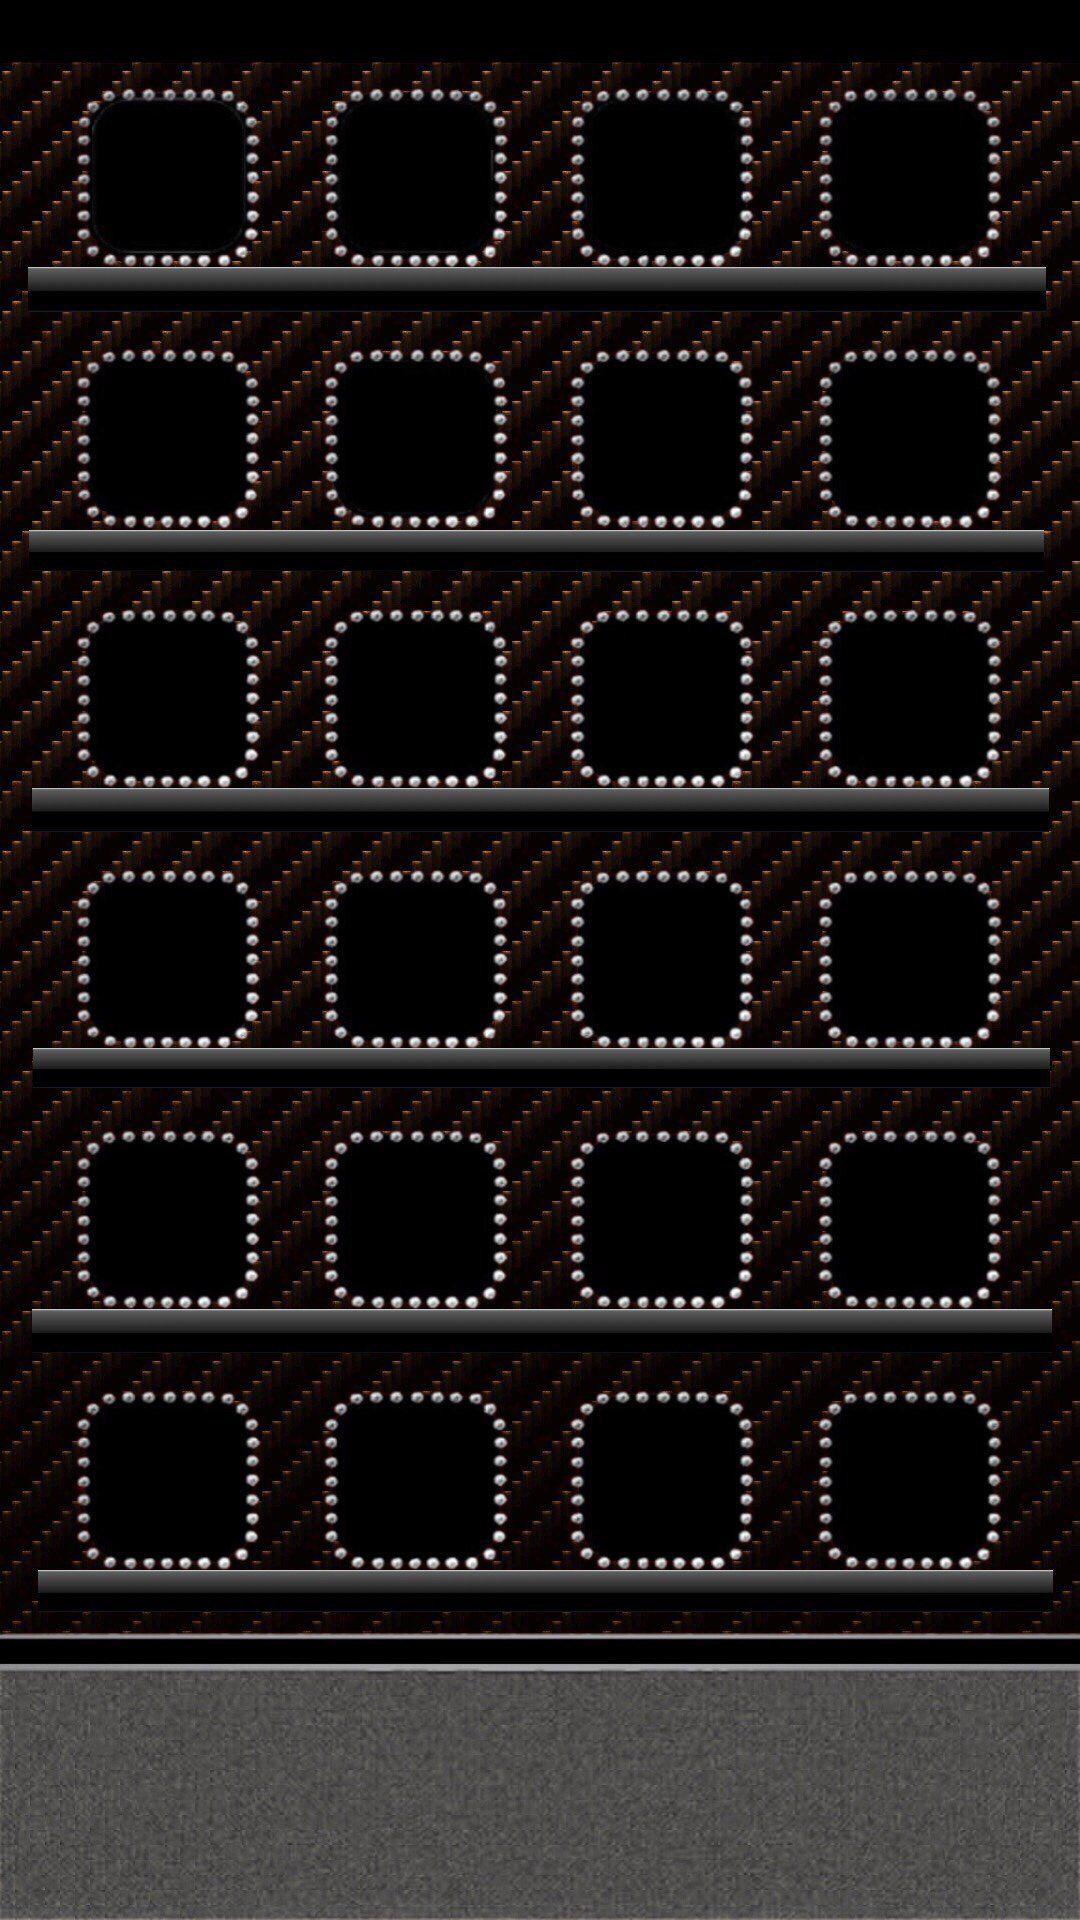 Frame Black Iphone 7 Plus Wallpaper Wallpaper Shelves Apple Wallpaper